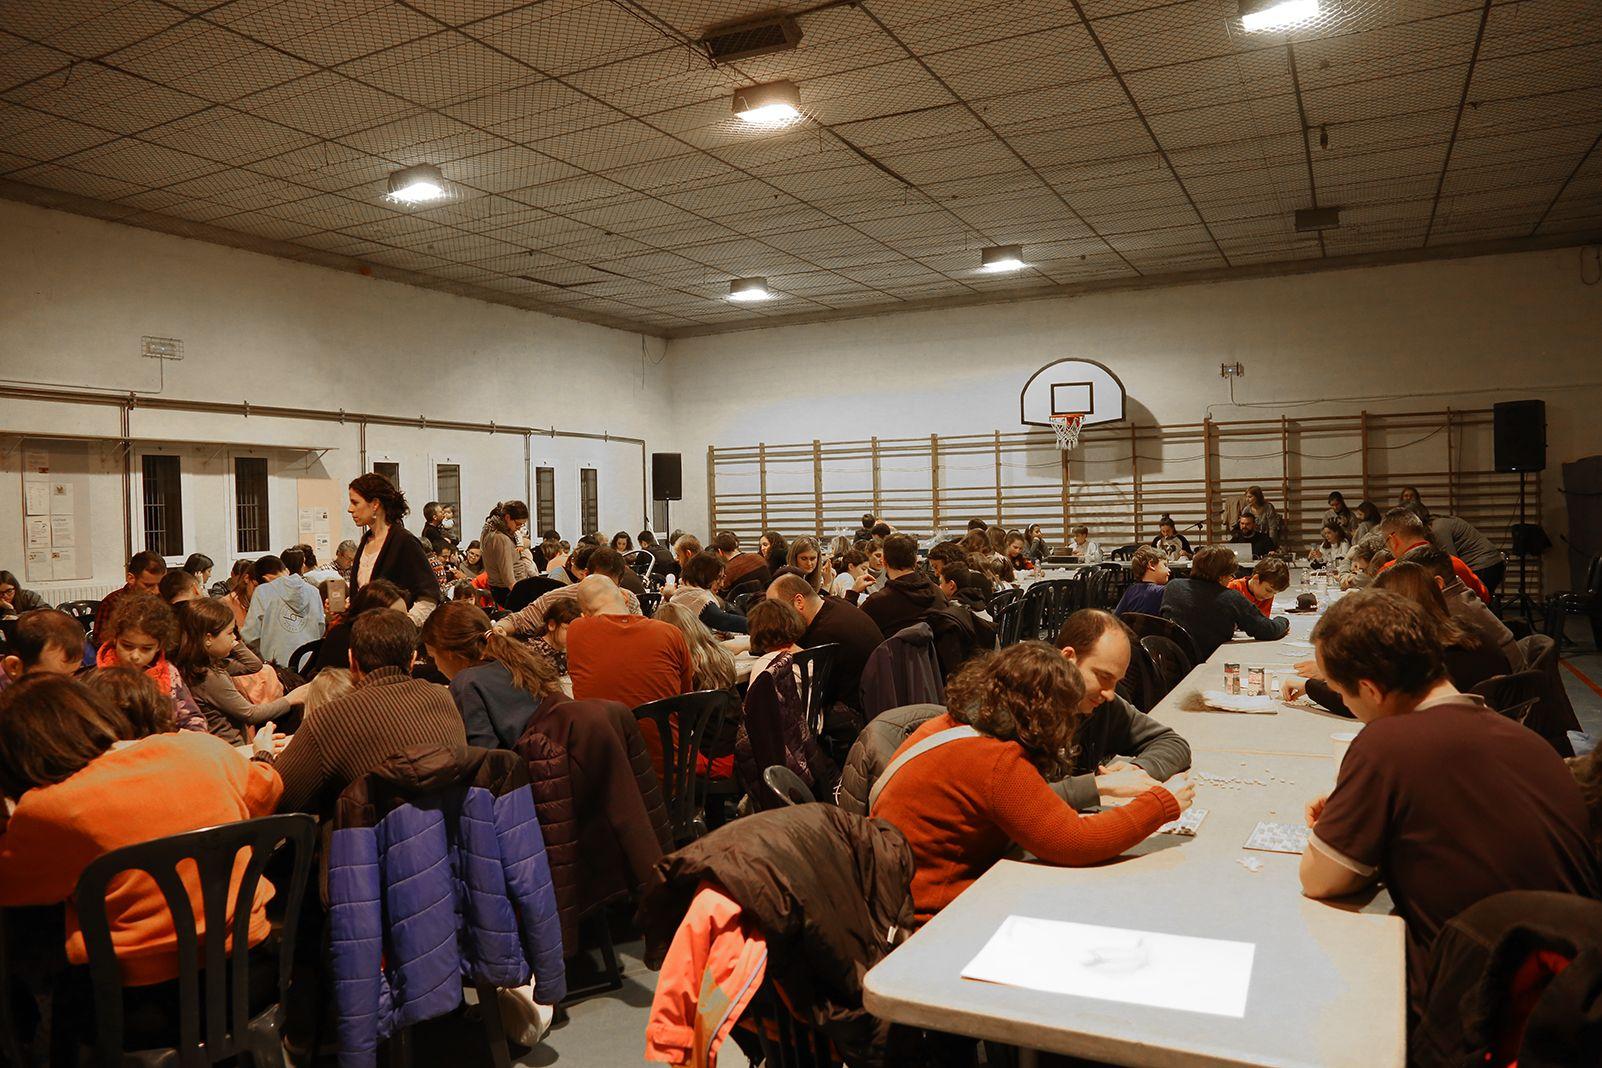 Quinto de nadal a l'escola Pins del Vallès. FOTO: Anna Bassa